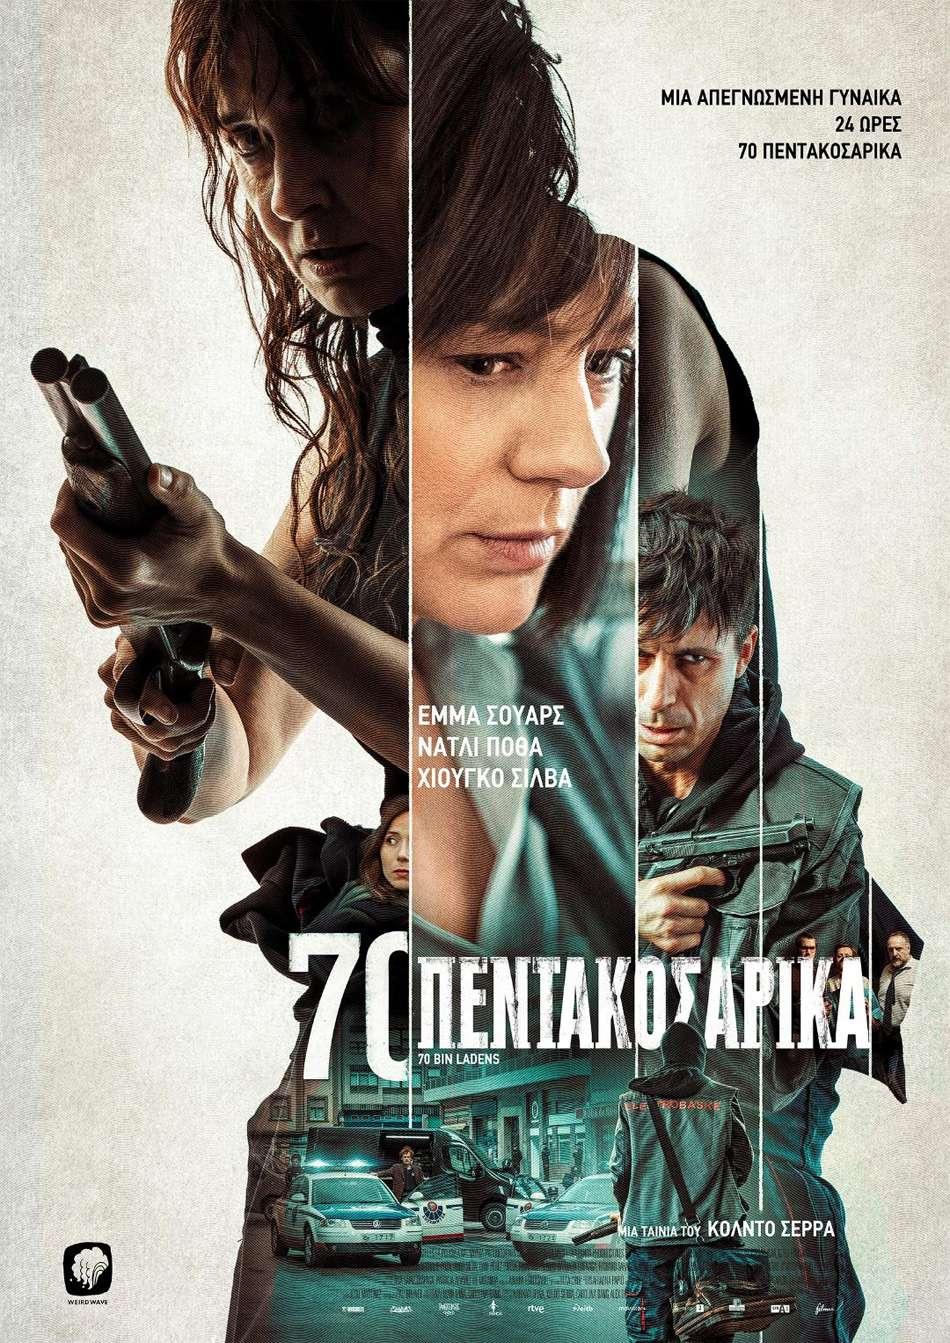 70 Πεντακοσάρικα (70 Binladens / 70 Big Ones) Poster Πόστερ